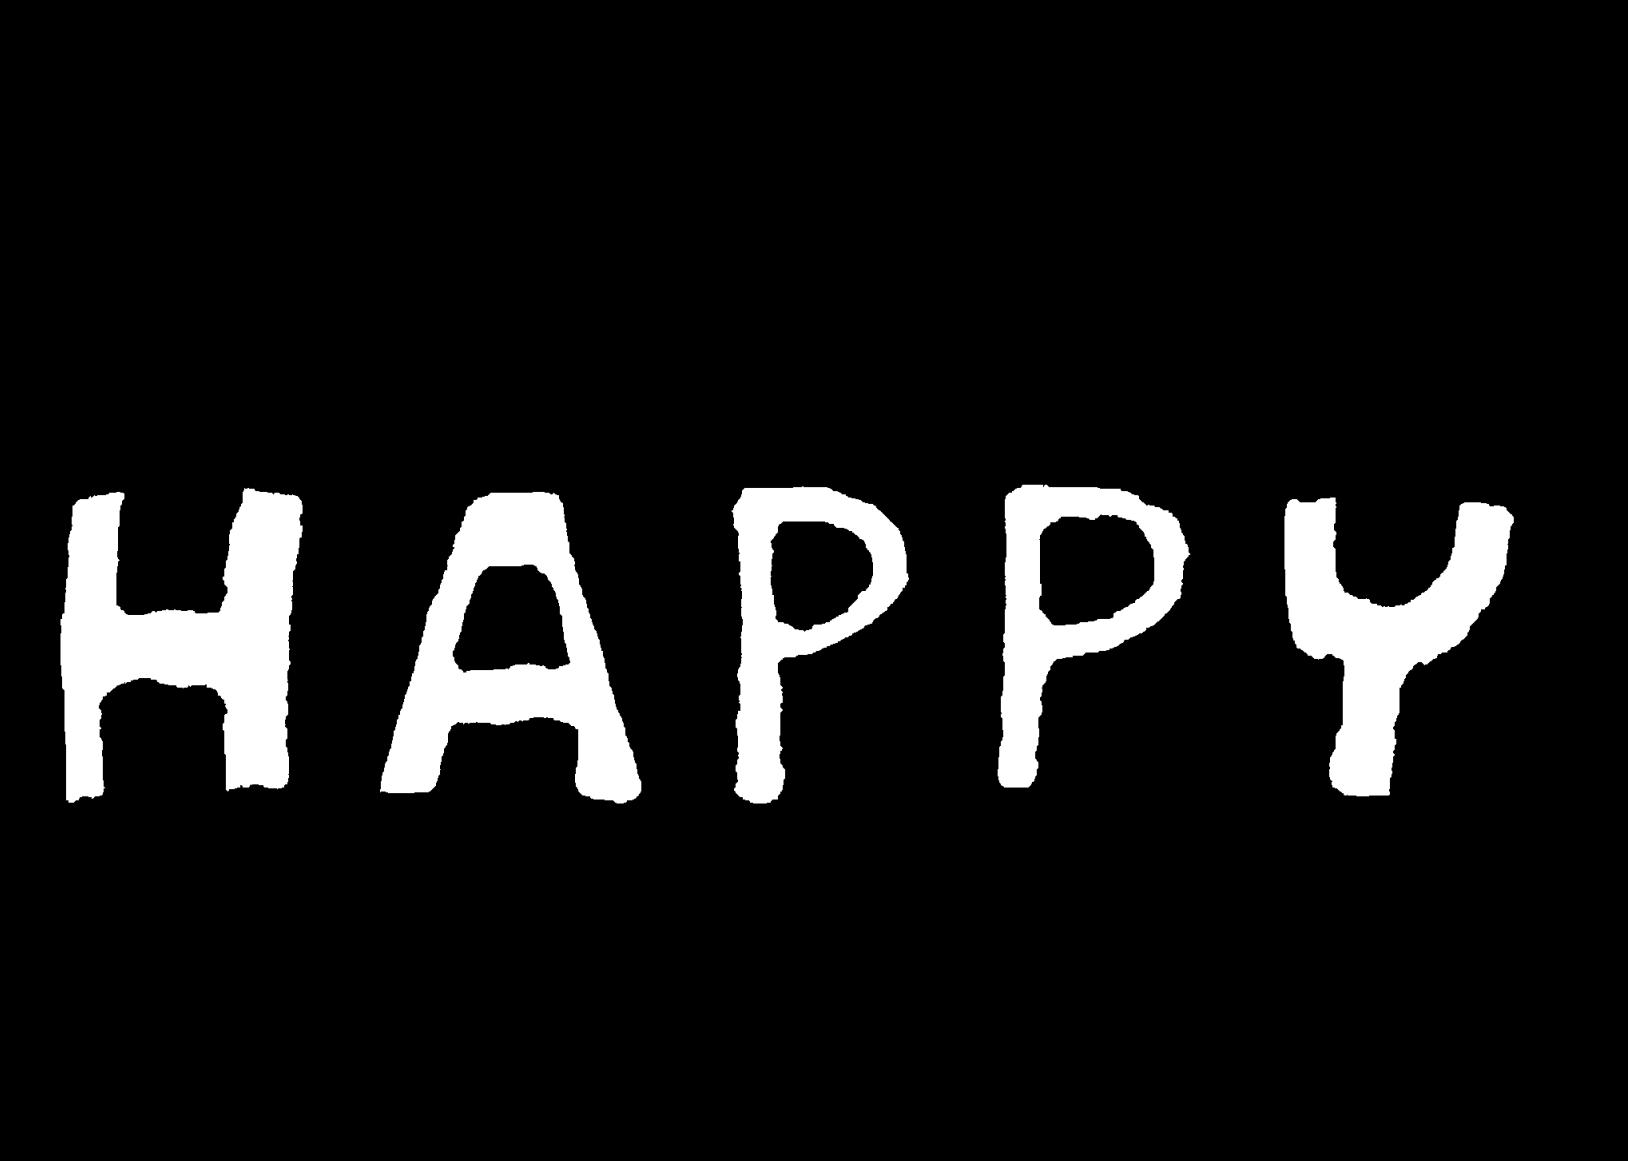 ハッピーのイラスト / HAPPY Illustration